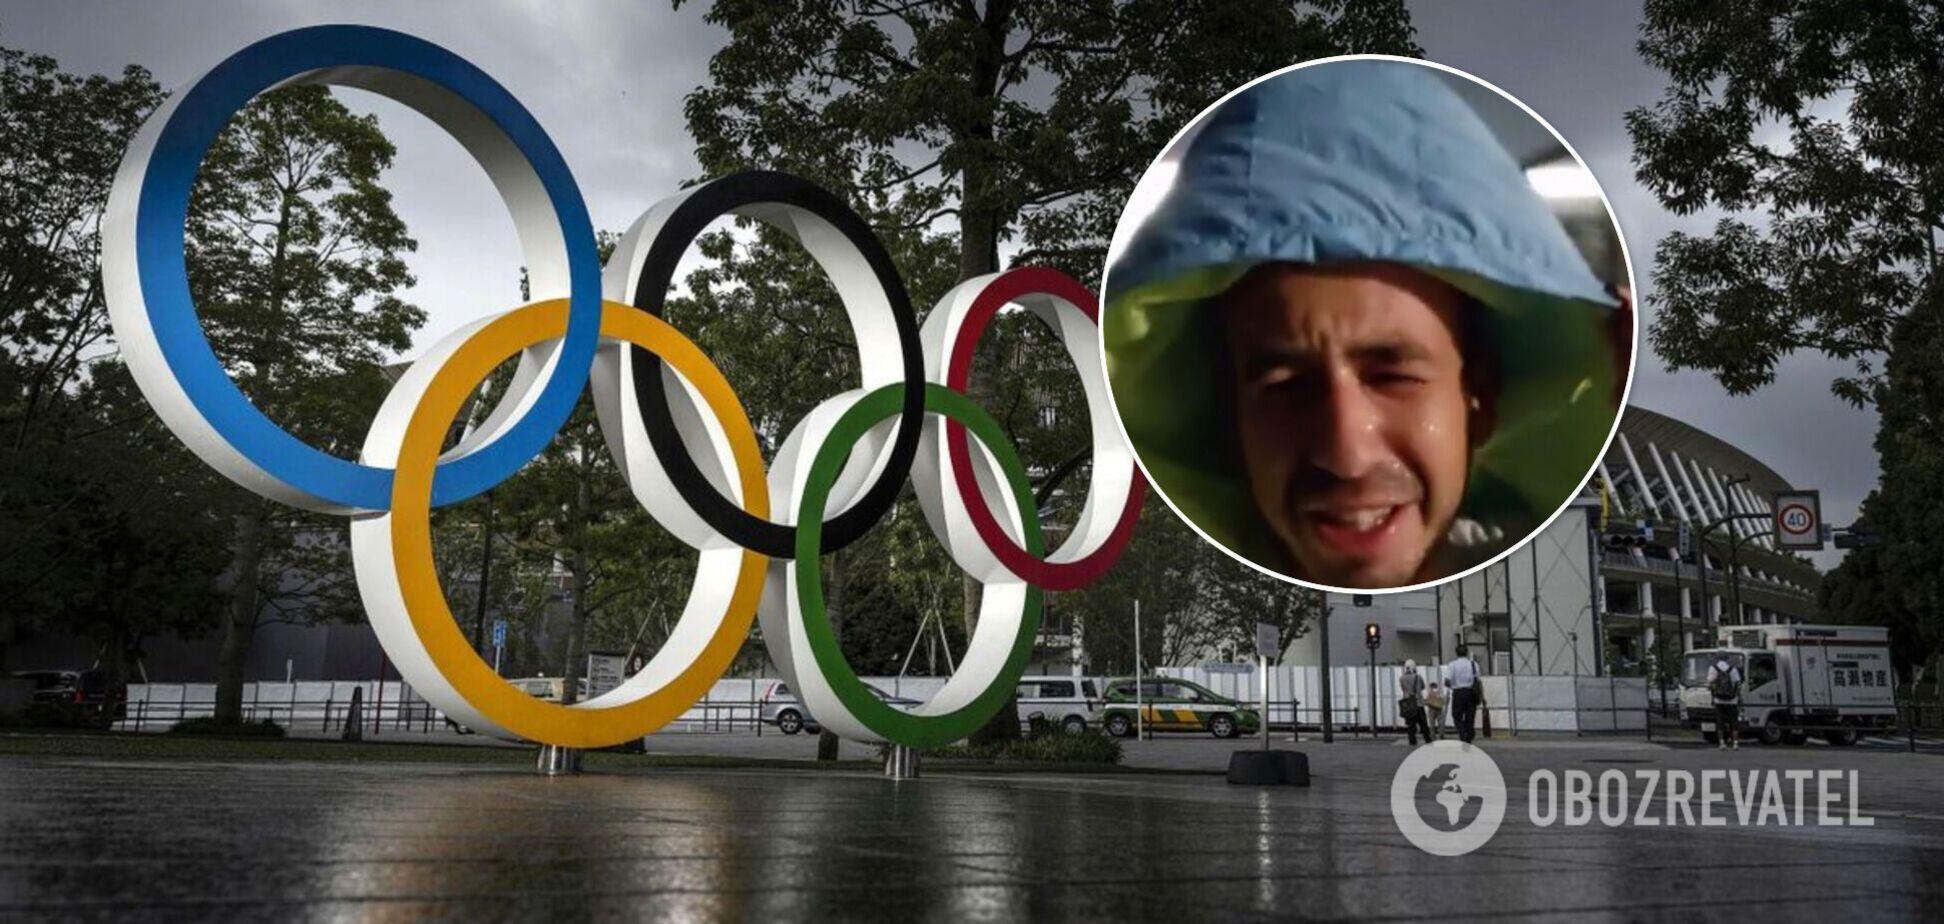 Олимпиада-2020: на Токио обрушился тайфун. Видео